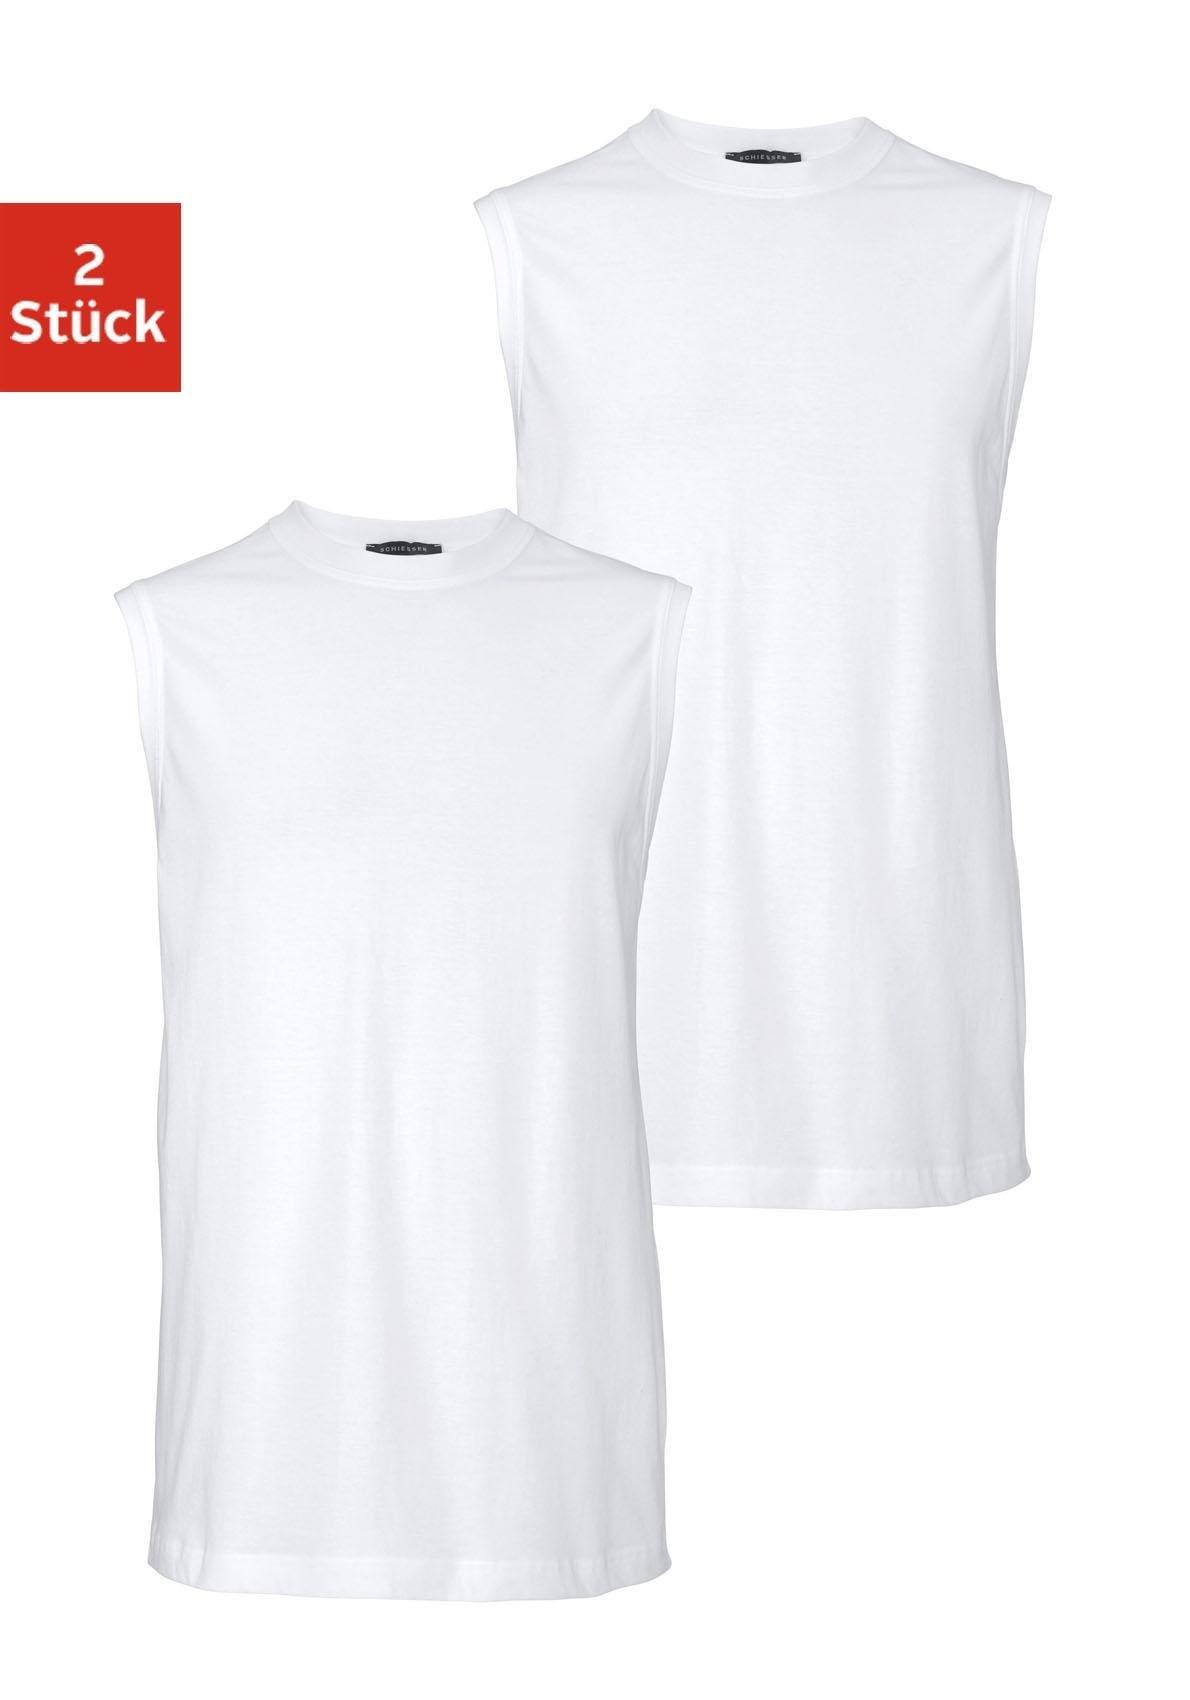 Schiesser shirt voor eronder in eenvoudig design (set, 2 stuks, Set van 2) voordelig en veilig online kopen